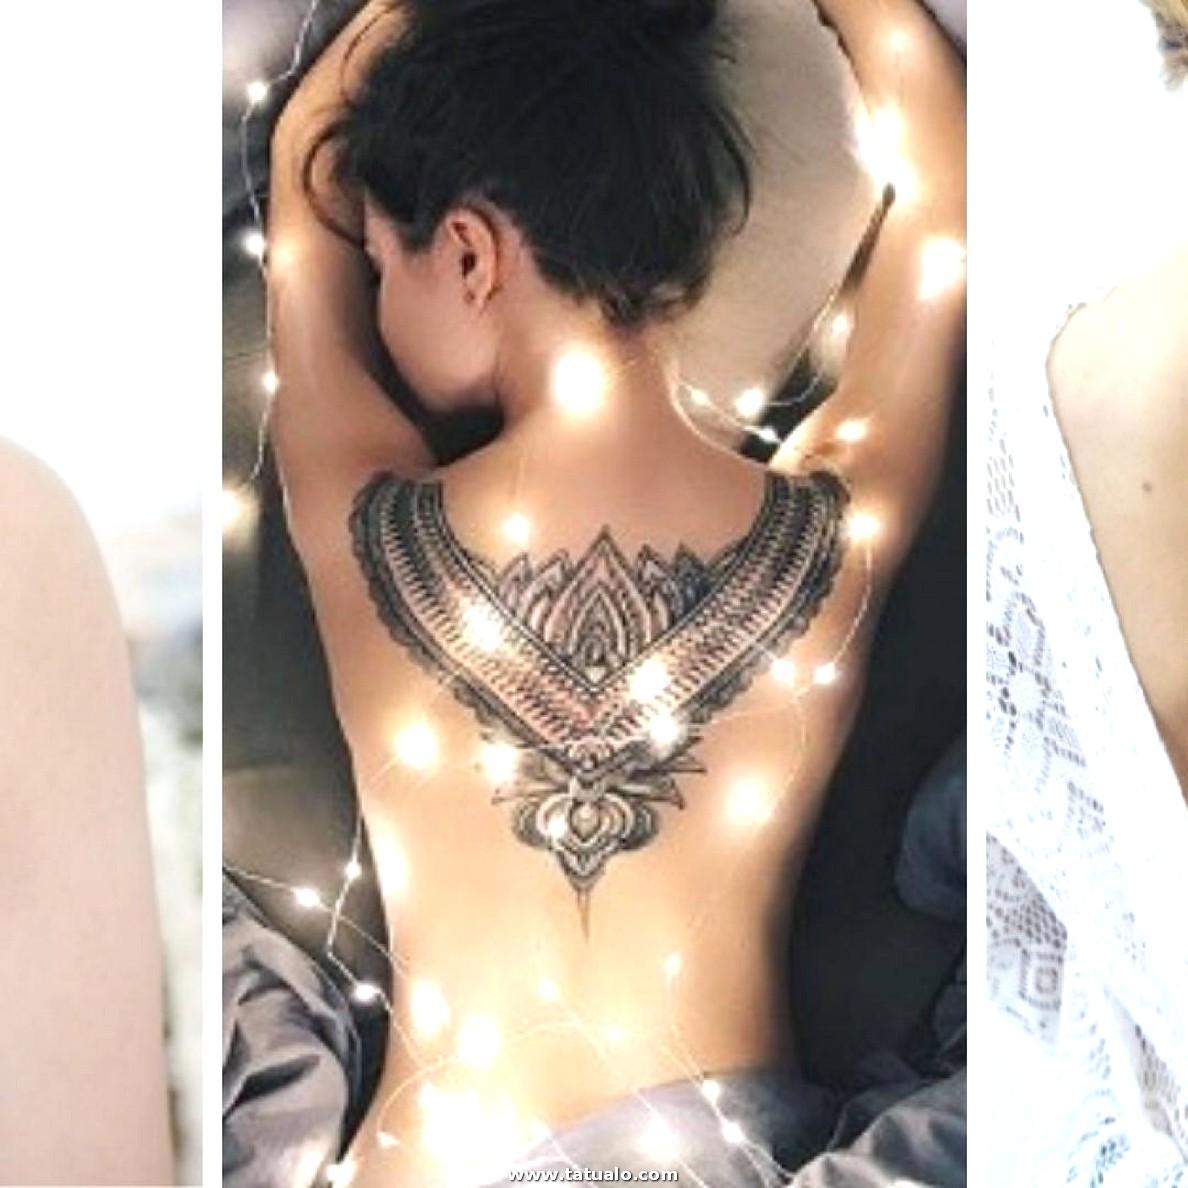 Los 50 Tatuajes En La Espalda Mas Hermosos Y Delicados Para Mujeres Fuertes 0